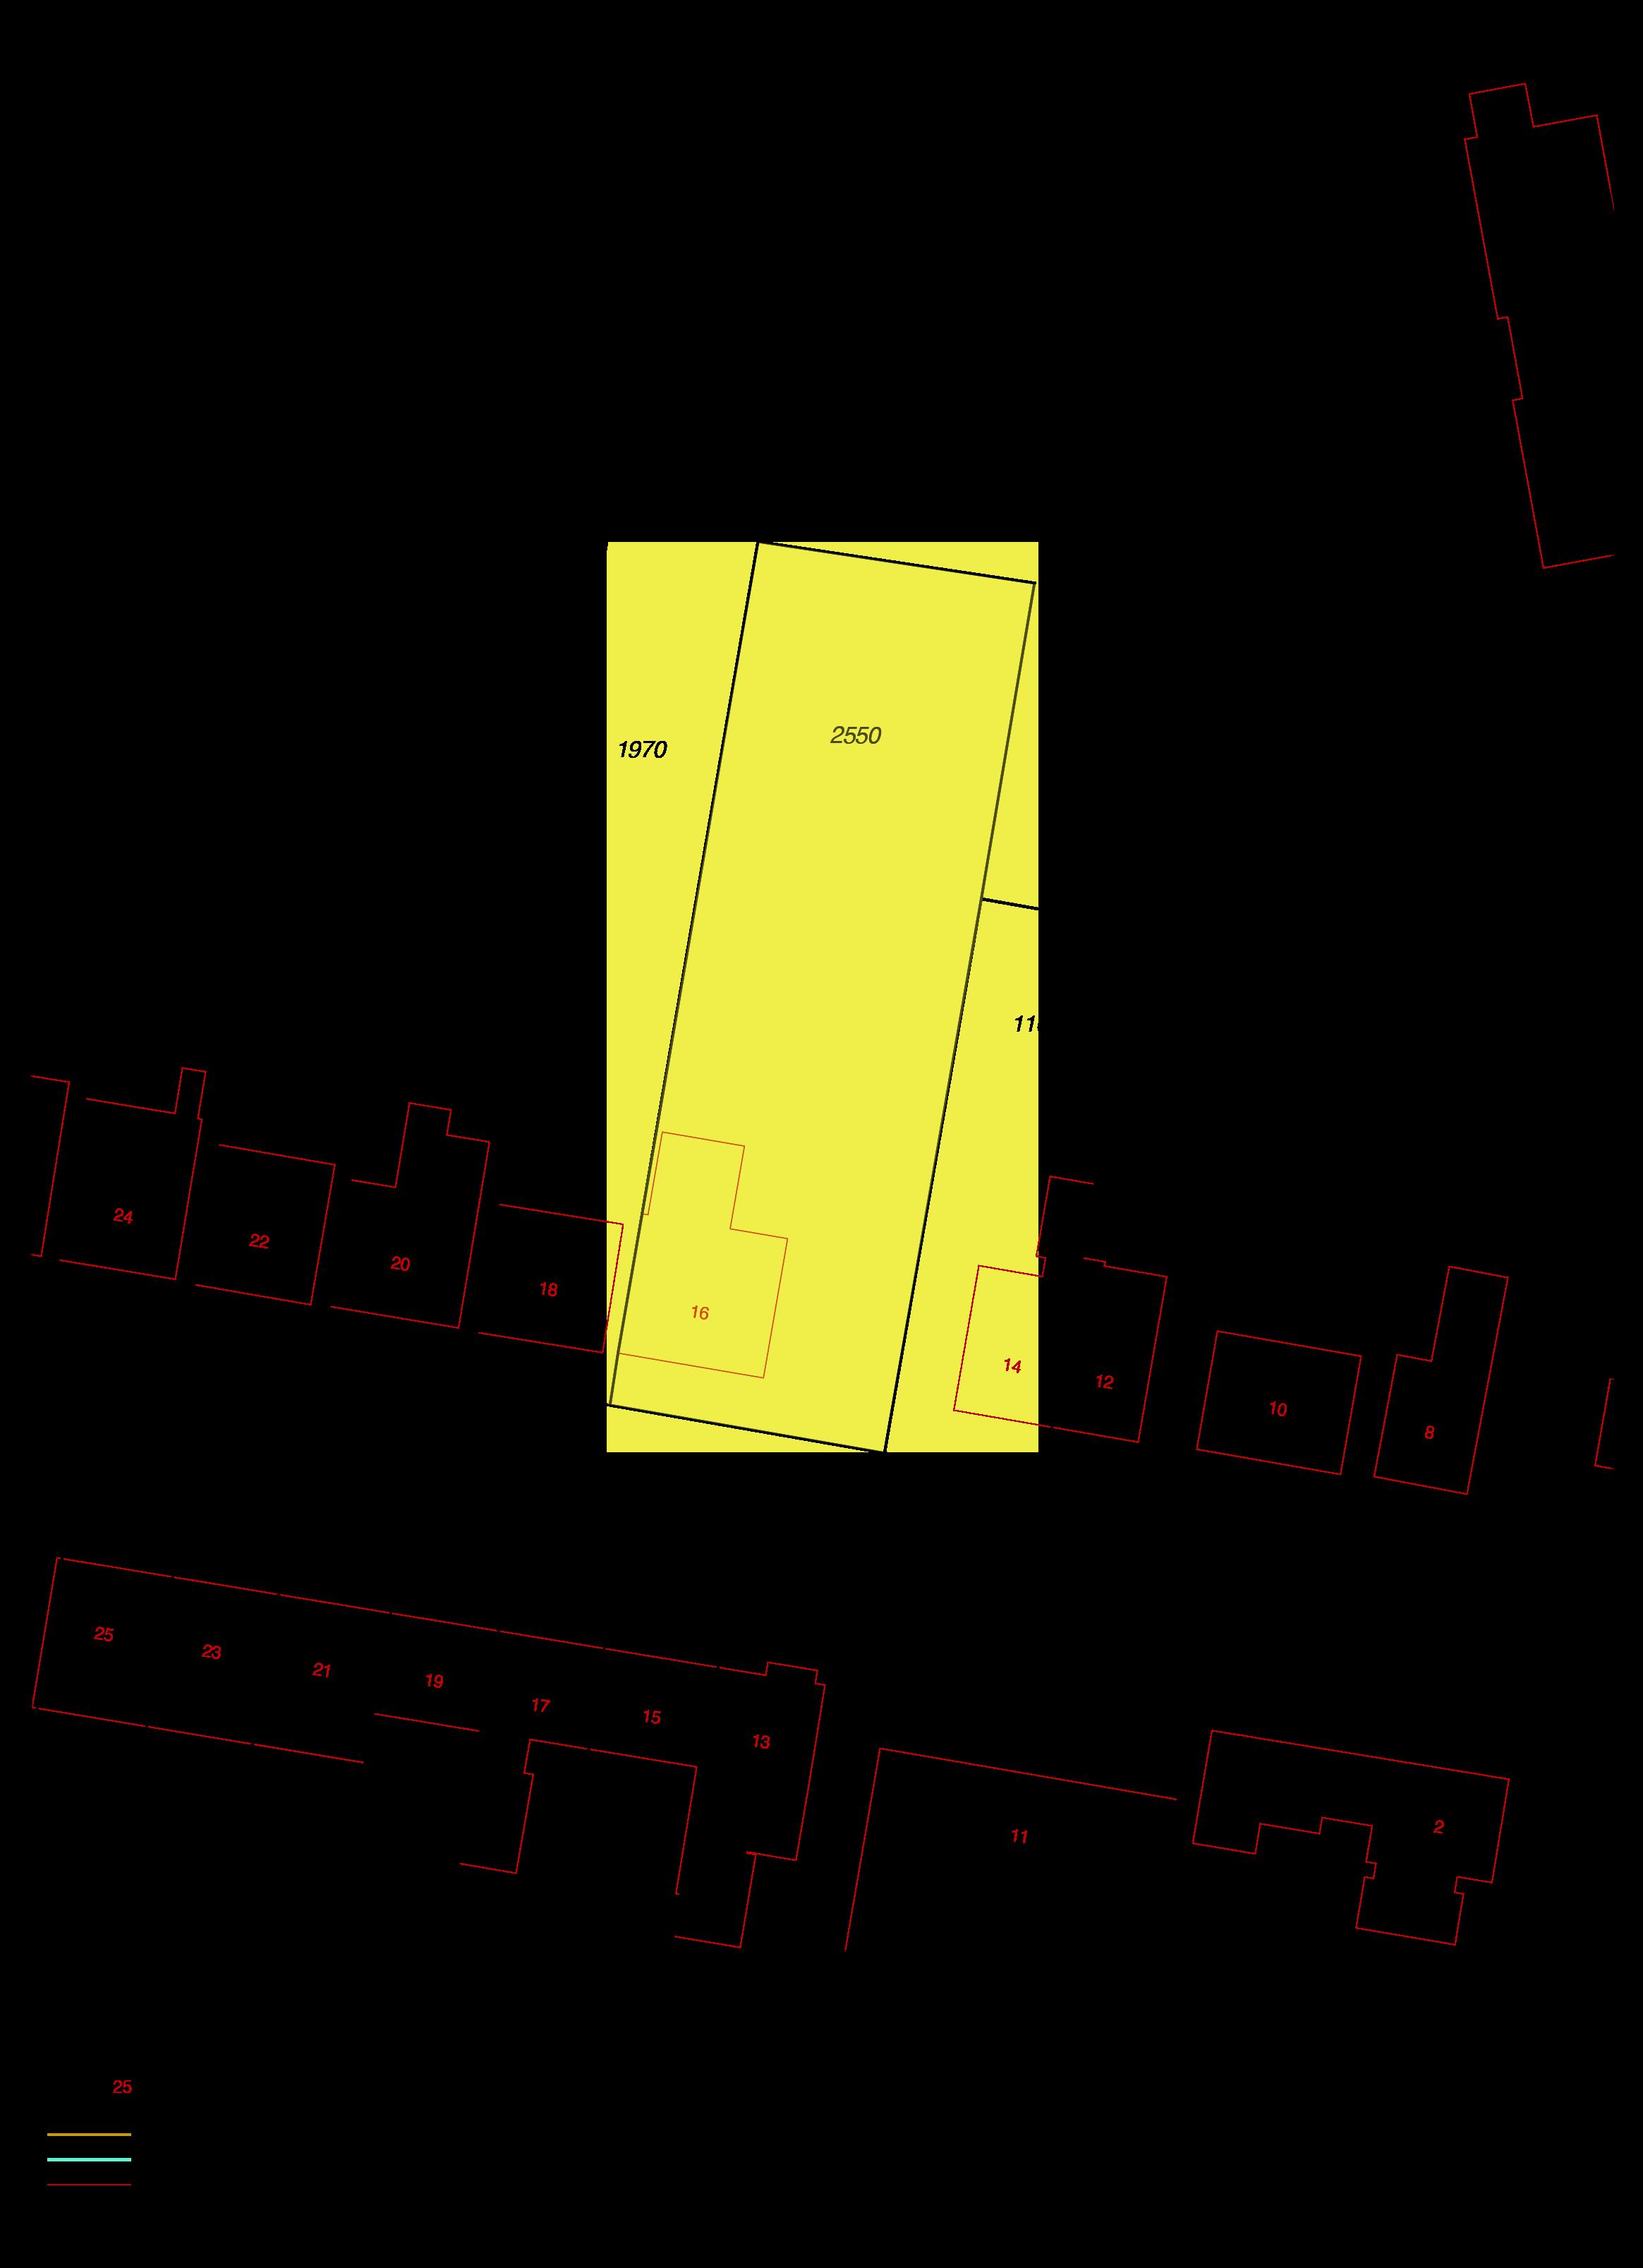 kadastrale kaart noordsingel 16 borssele ism makelaars